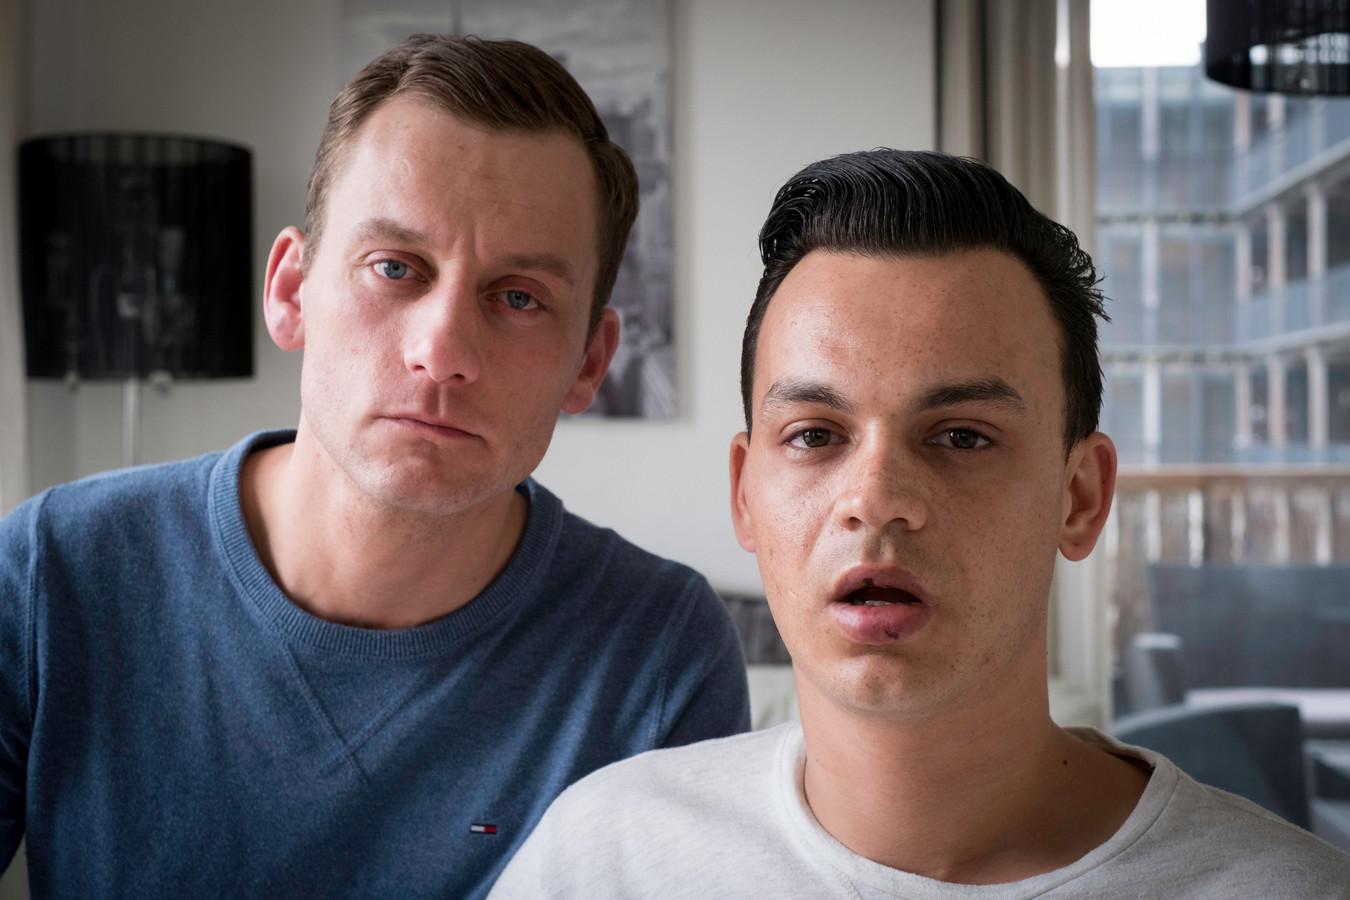 Jasper en Ronnie (r) werden aangevallen met een betonschaar na een avondje stappen in Arnhem.